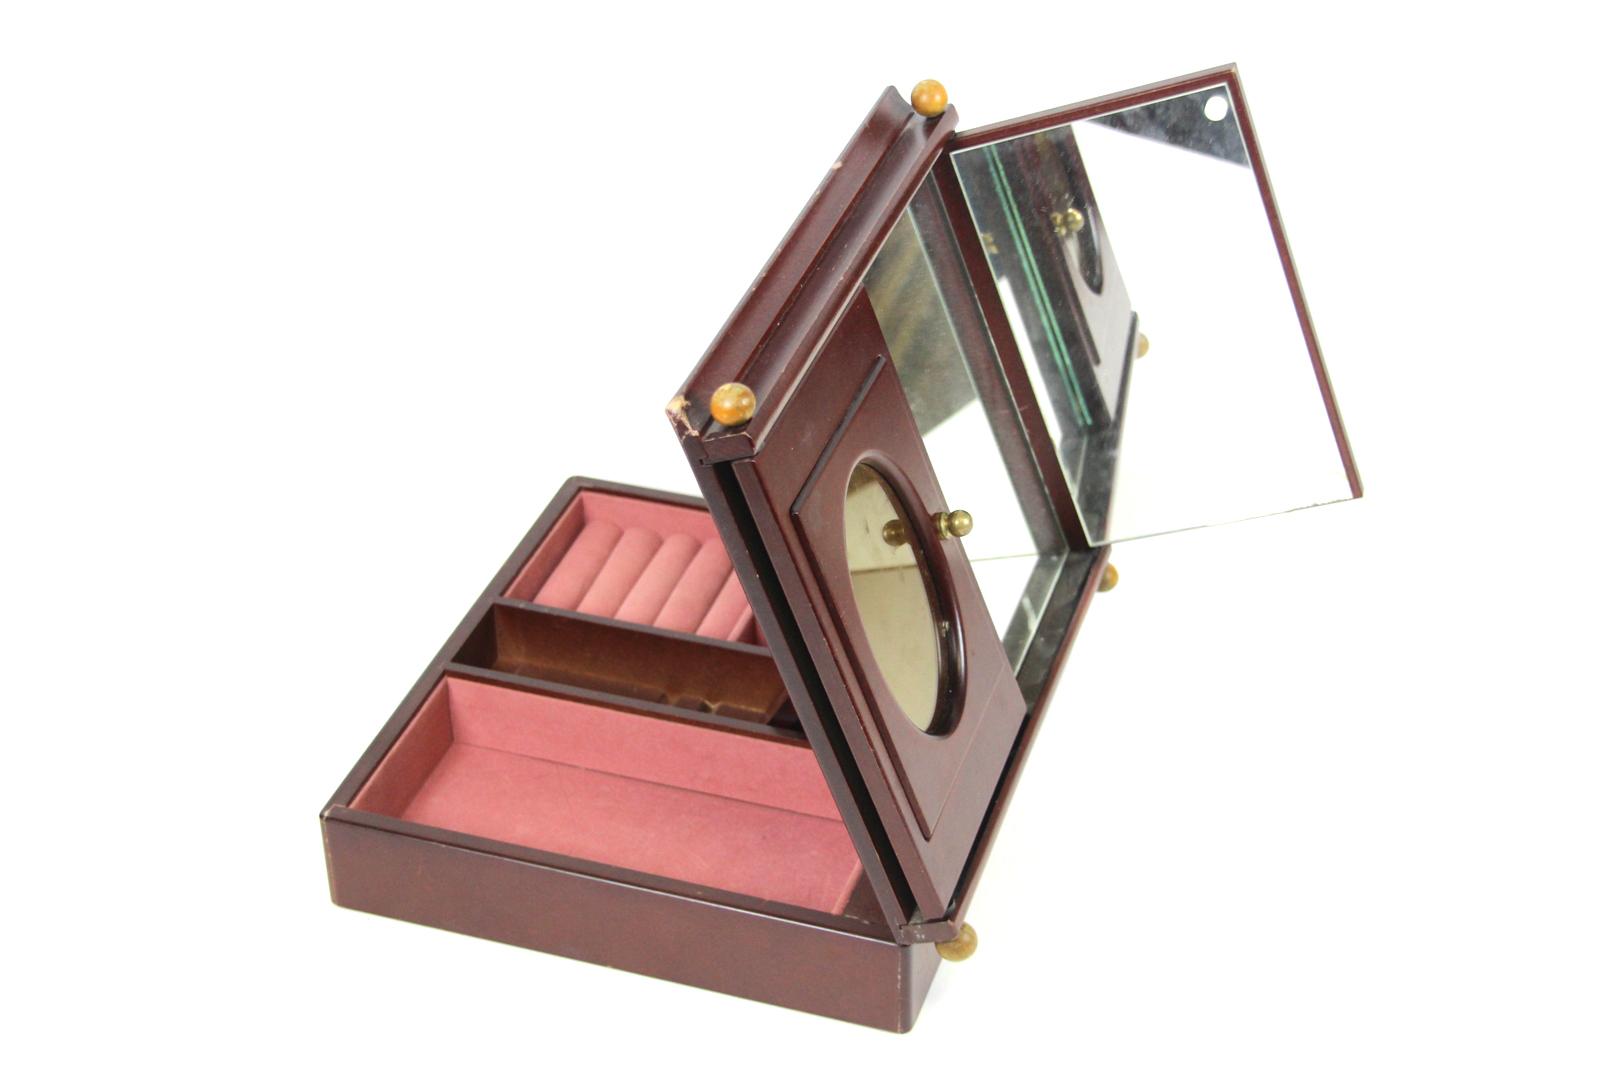 schmuck k stchen schmink spiegel mahagoni holz schatulle mit 2 bilder rahmen. Black Bedroom Furniture Sets. Home Design Ideas